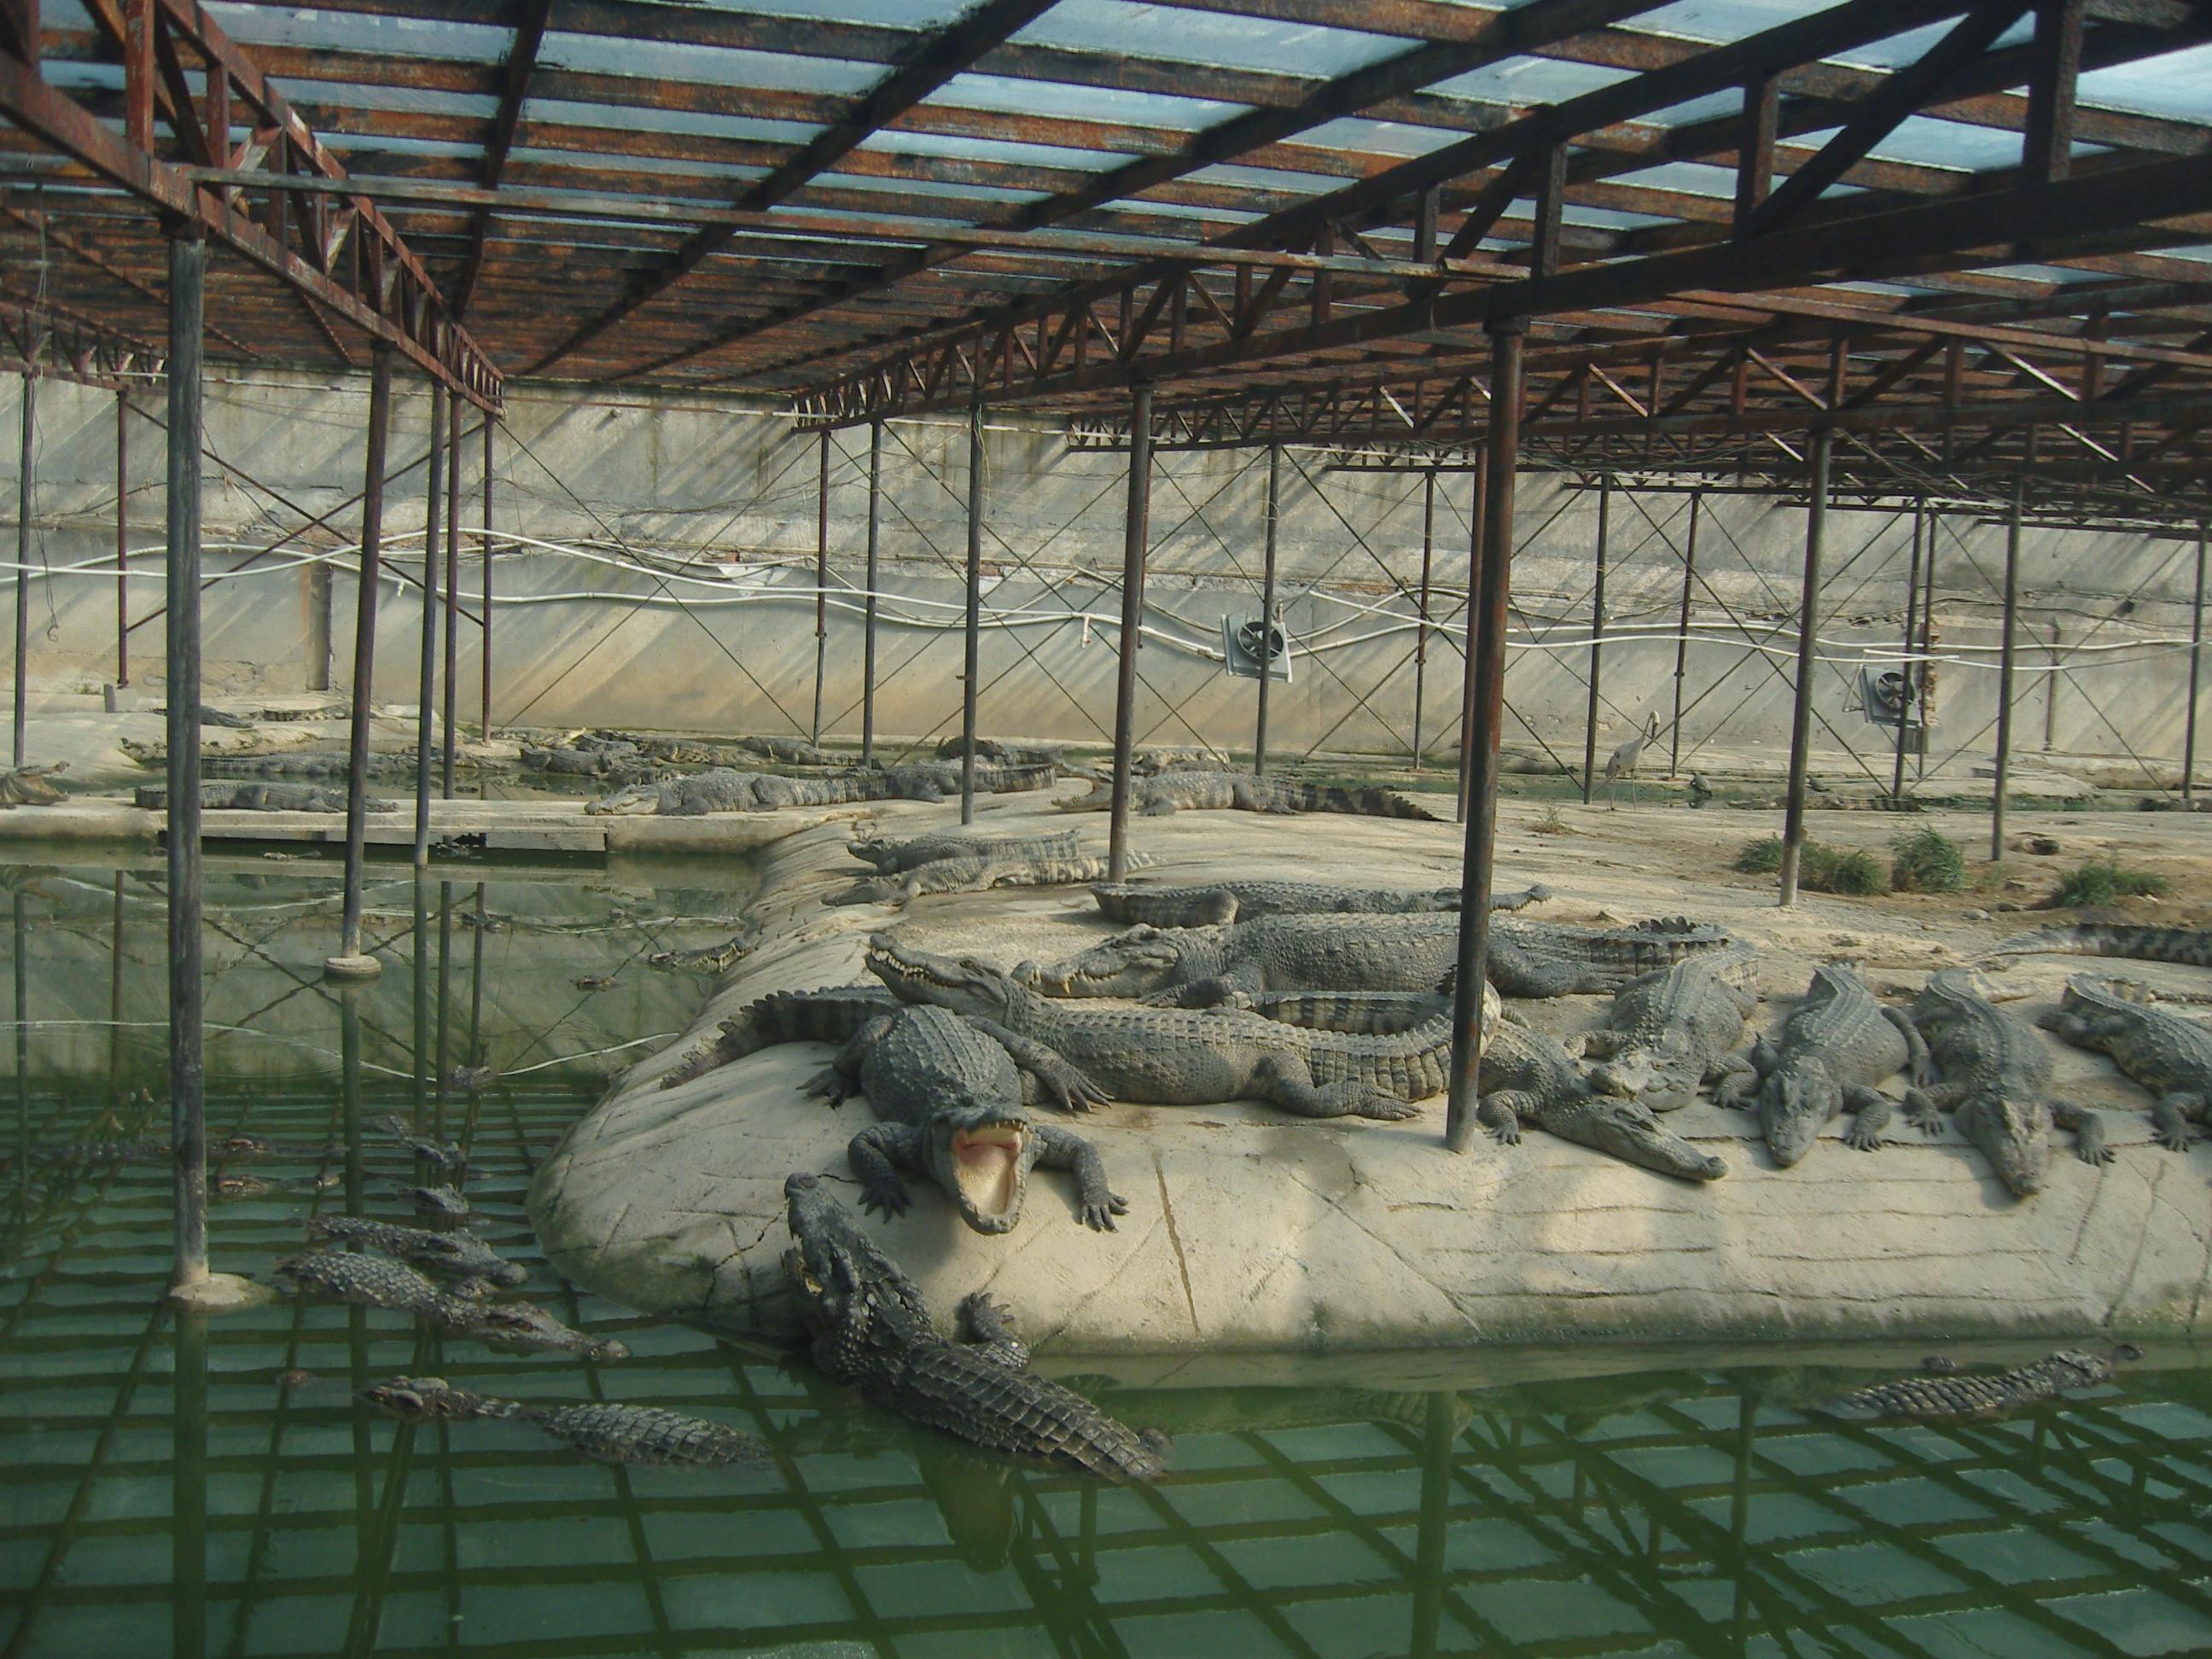 暹罗鳄特种养殖